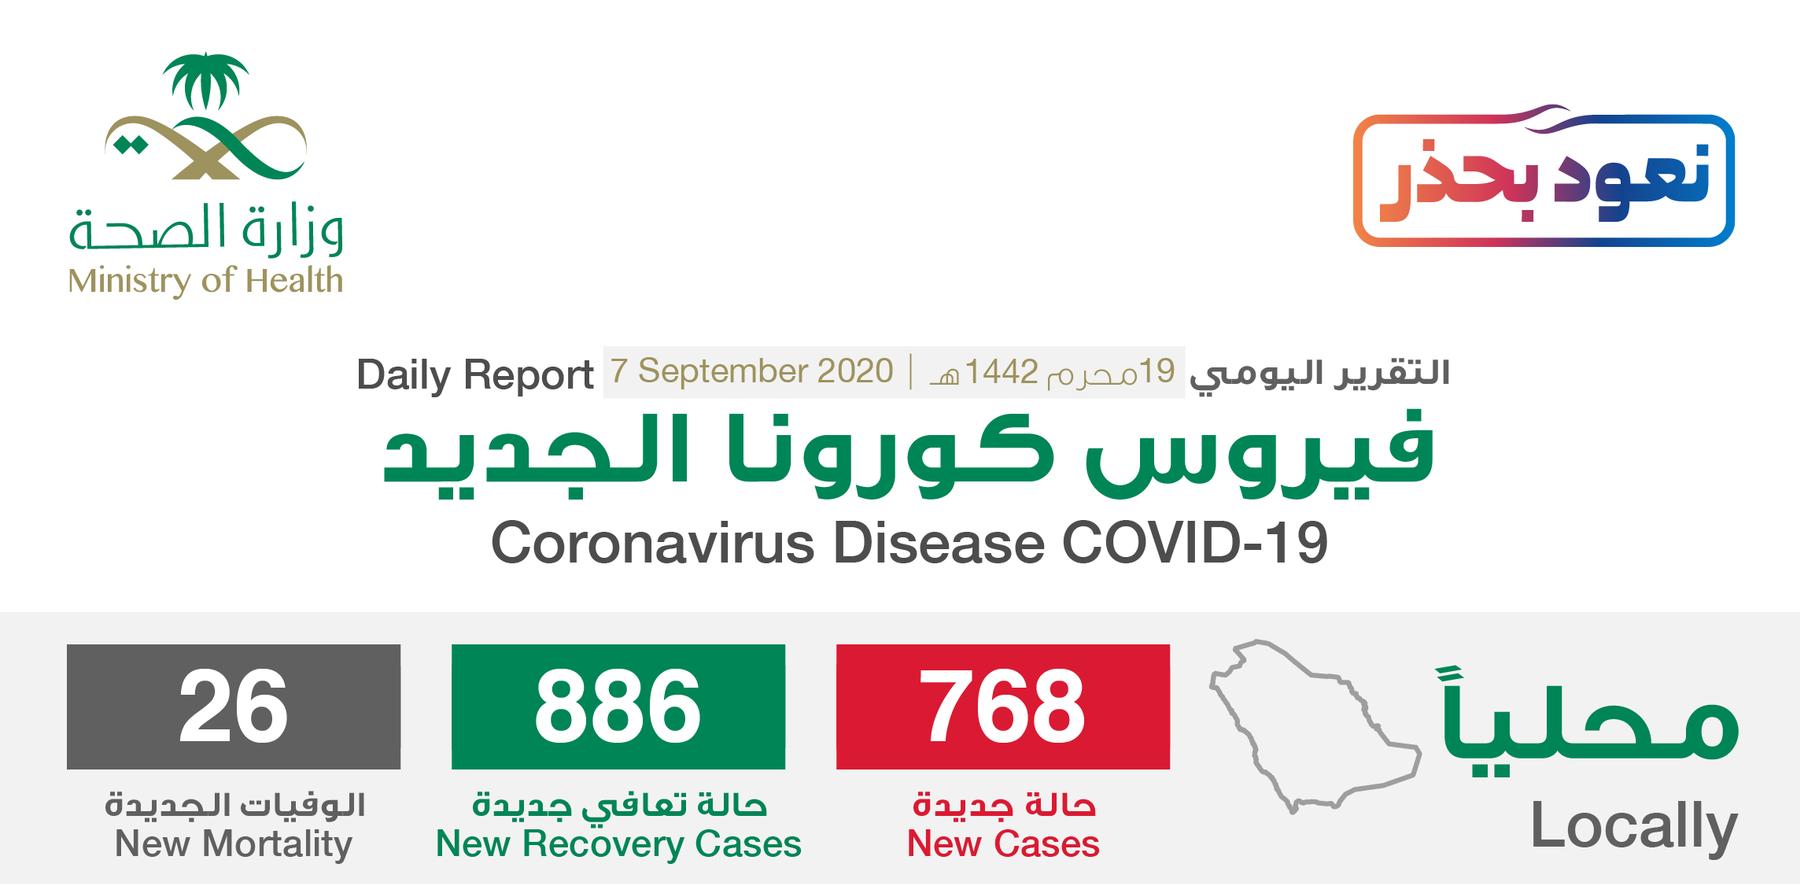 مستجدات كورونا في السعودية 7 سبتمبر .. تراجع في عدد الإصابات الحرجة 1